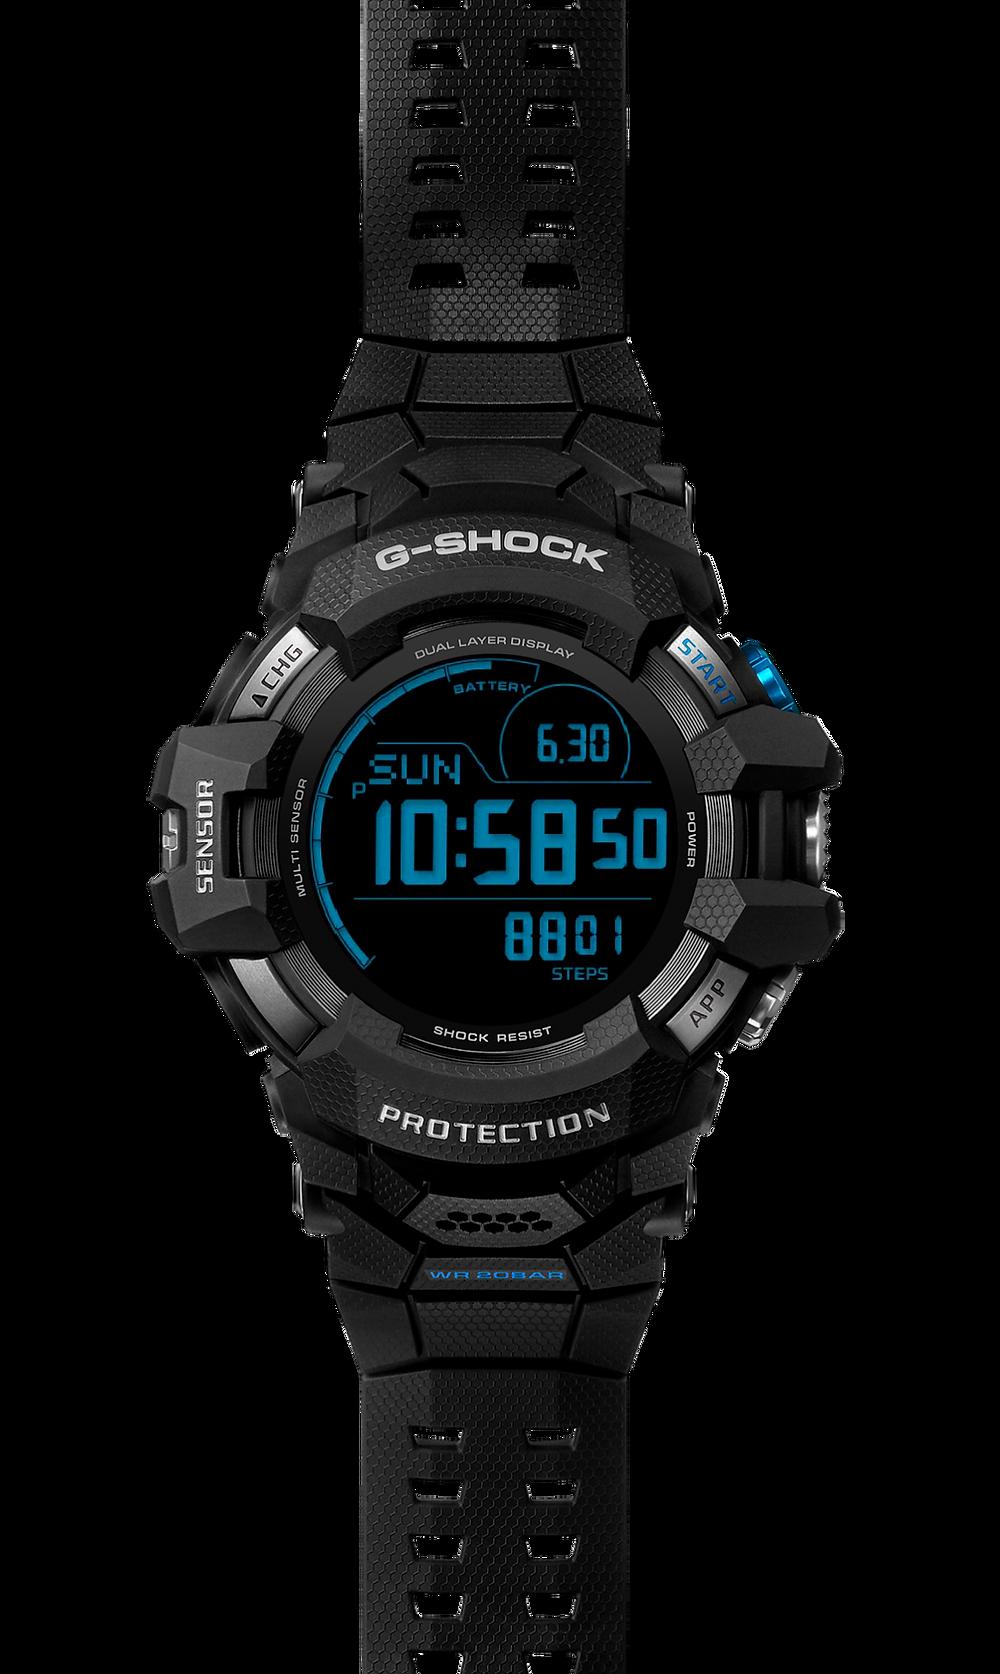 primer casio g-shock con wear os by google de la historia desde 1983 primer g-shock dw5000